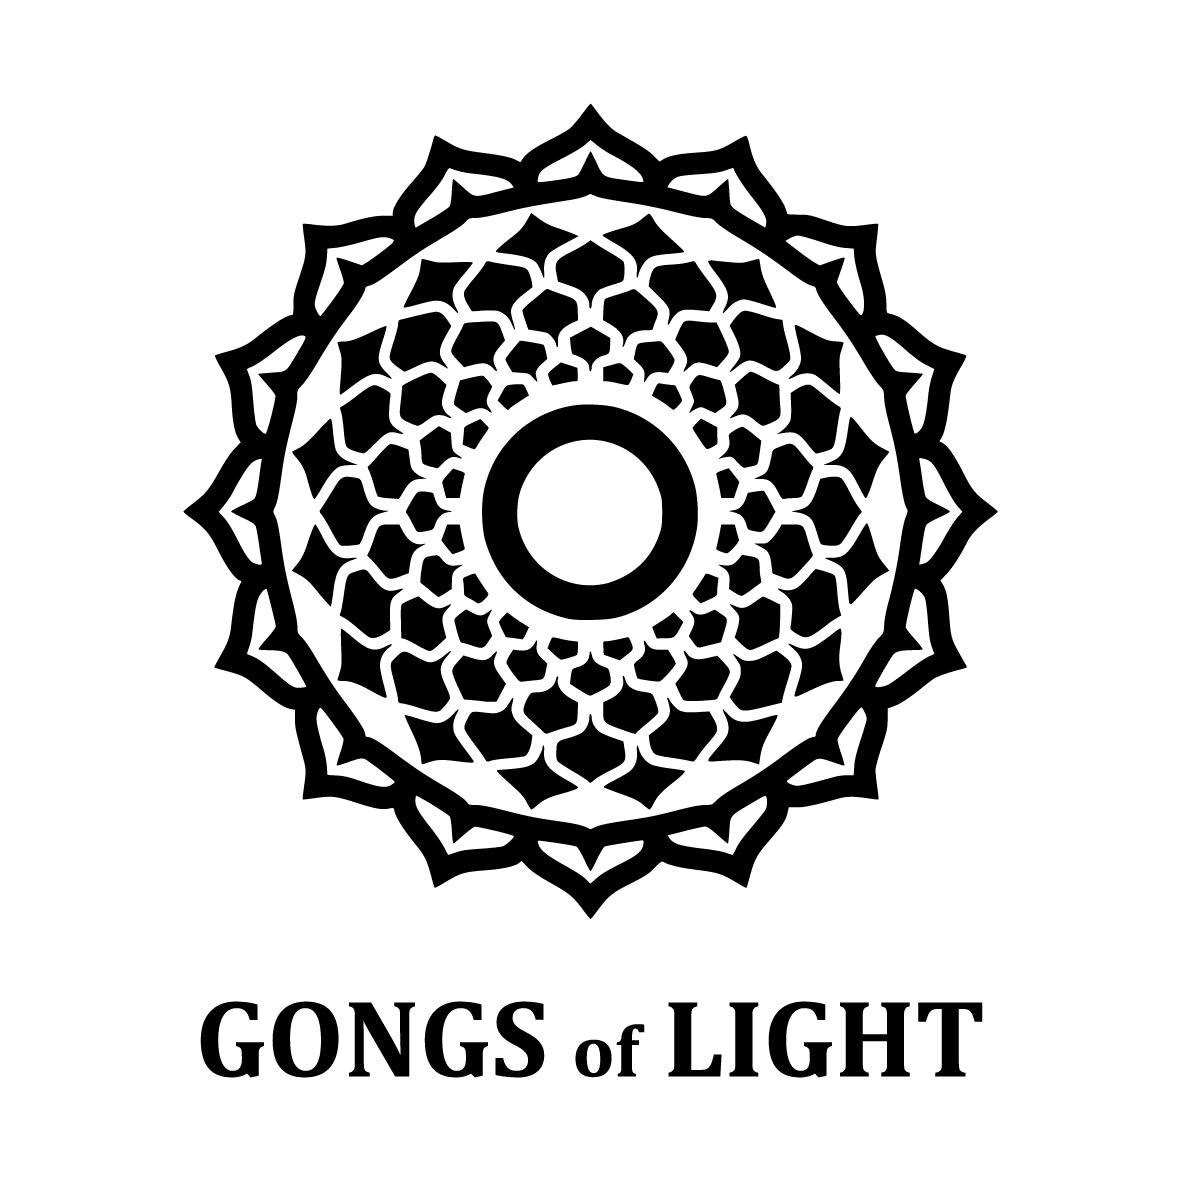 GONGS of LIGHT